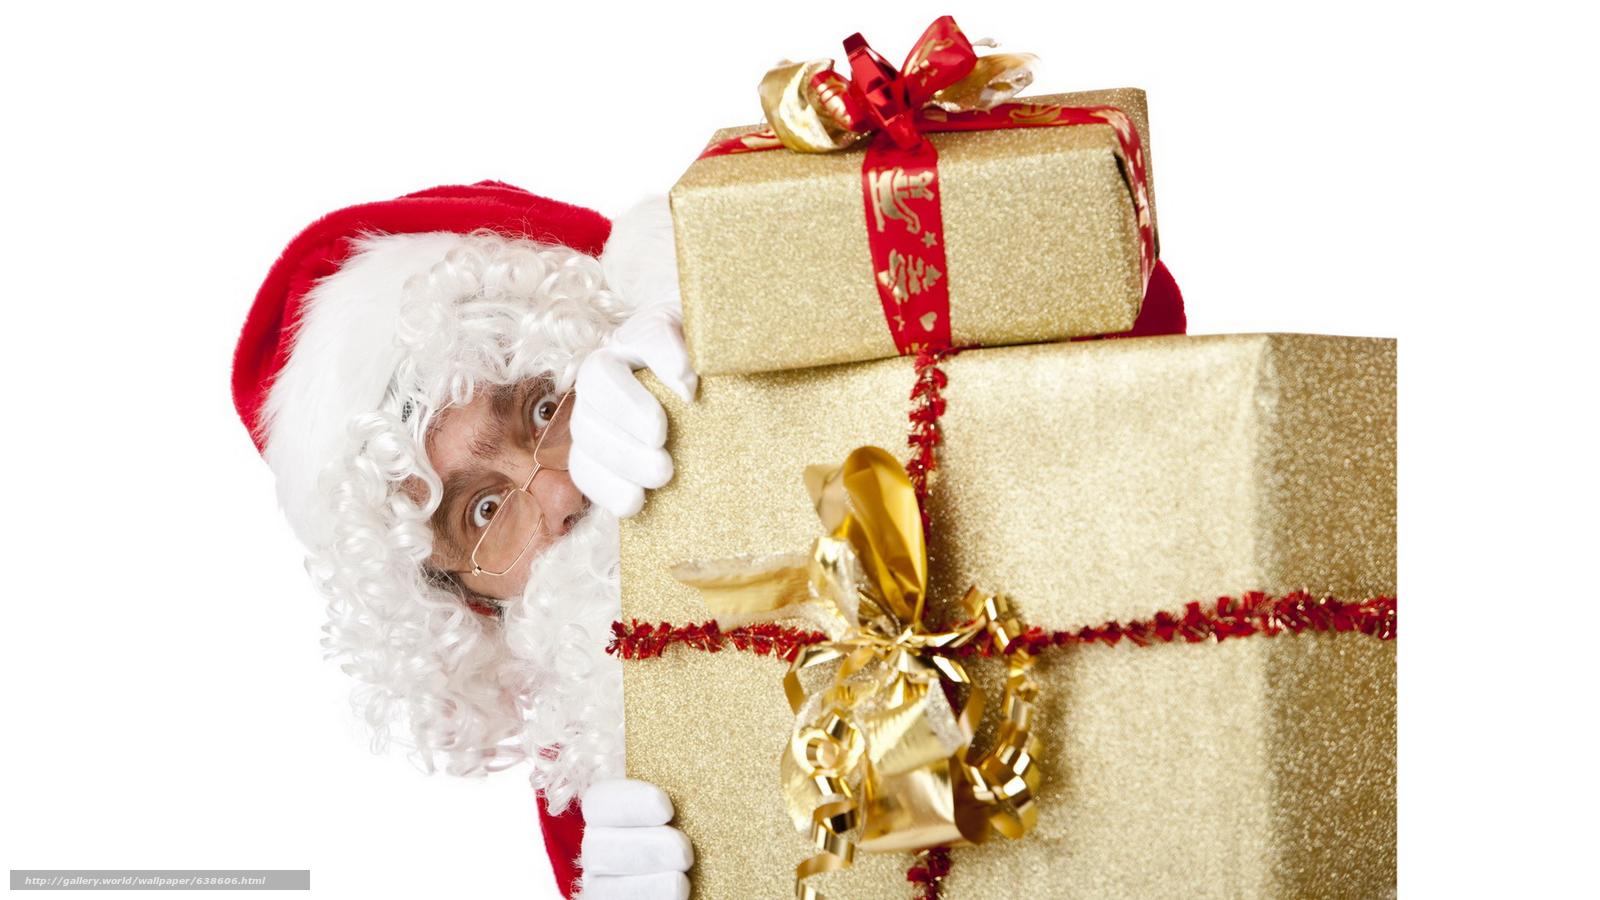 100 к 1 - Что делает дед мороз, после того как разнесёт подарки? 77